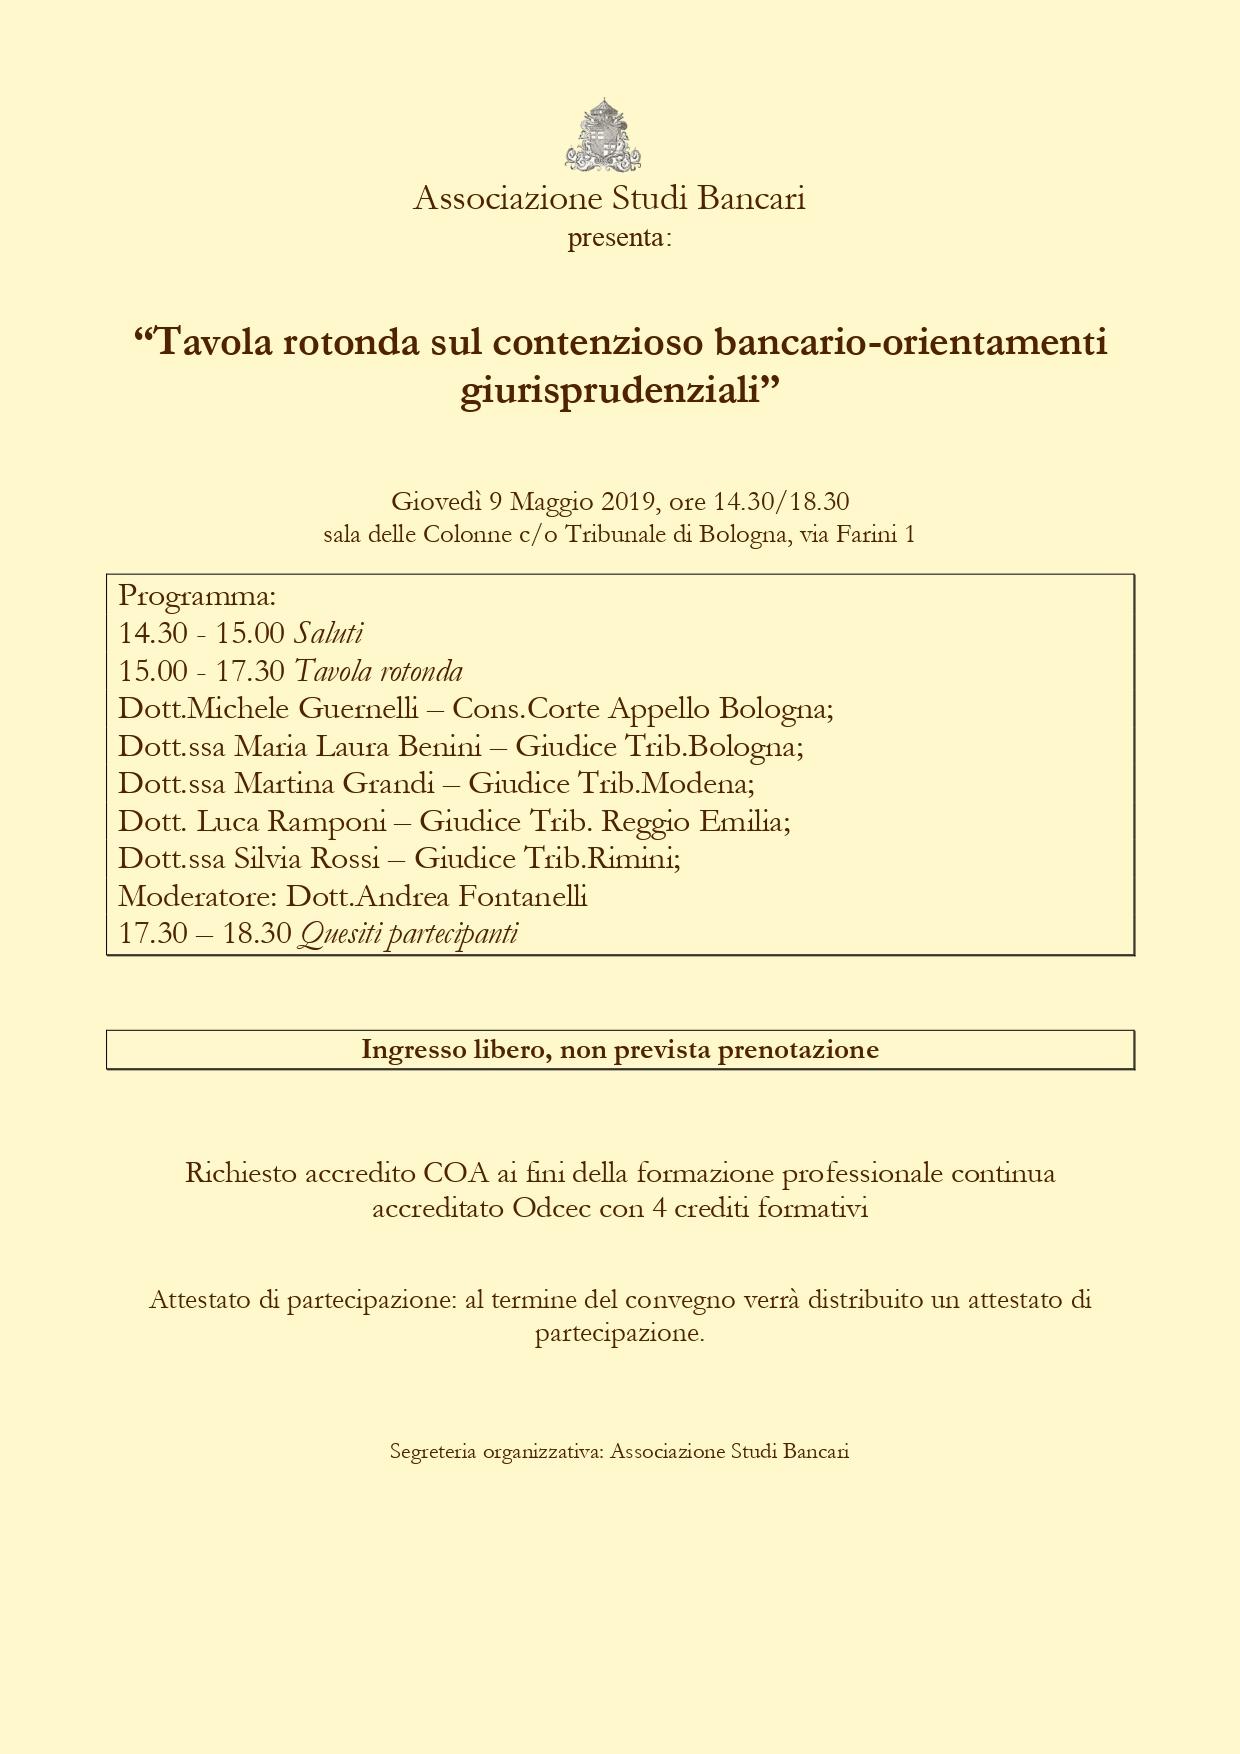 Bologna - Giovedì 9 Maggio 2019, ore 14.30/18.30